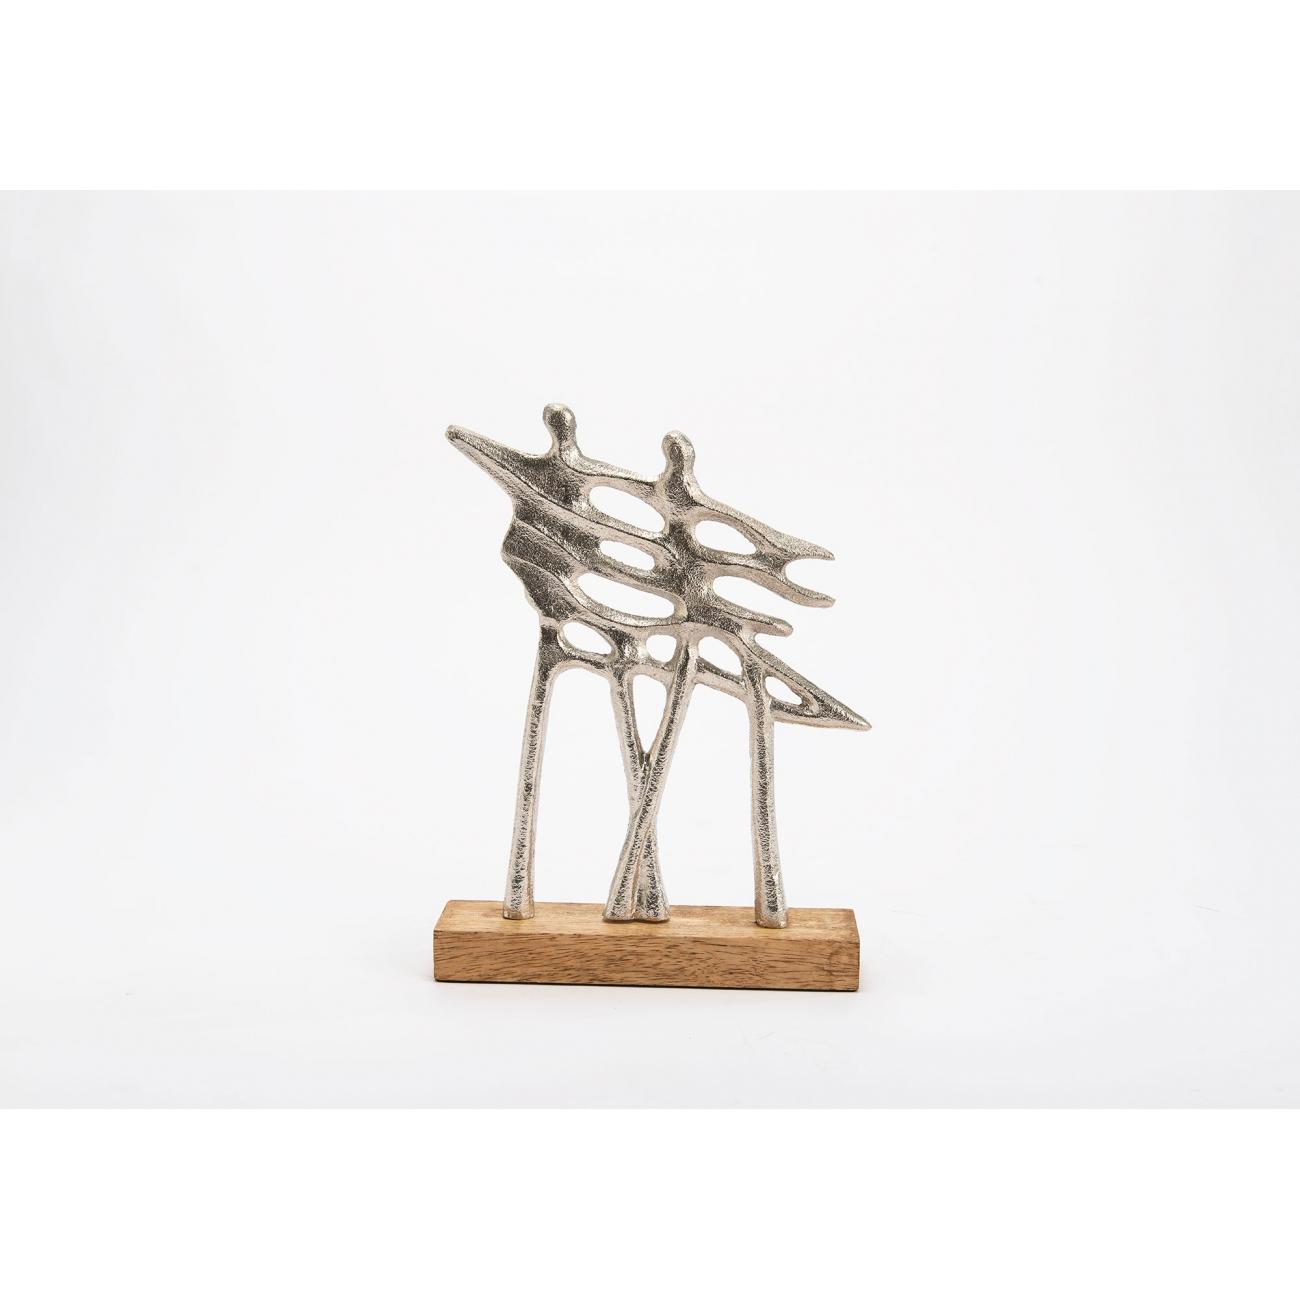 Статуэтка AMADEUS Модерн пара серебристая дерево и алюминий высота 29 см Франция